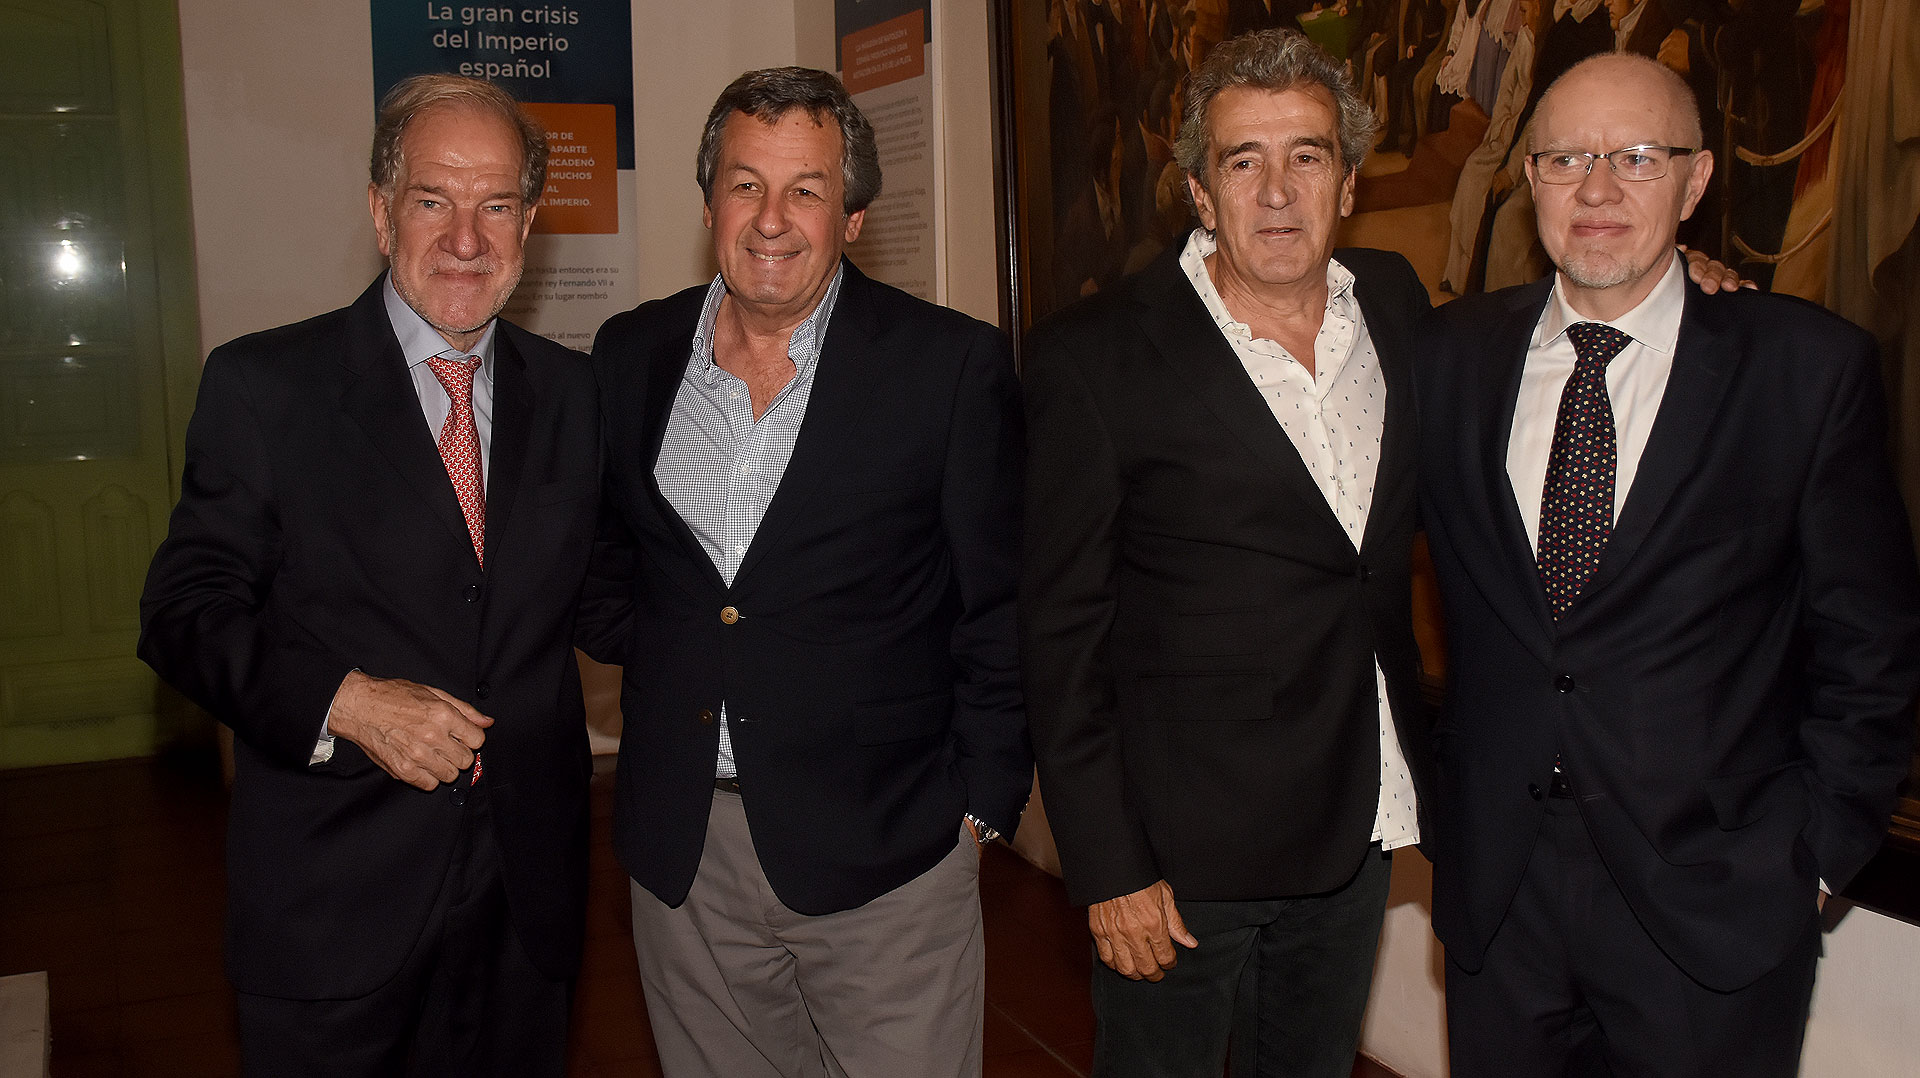 Héctor D'Amico, Jorge Porta, director de Radio Mitre; Ricardo Roa, editor general adjunto del diario Clarín, y Fernández Díaz